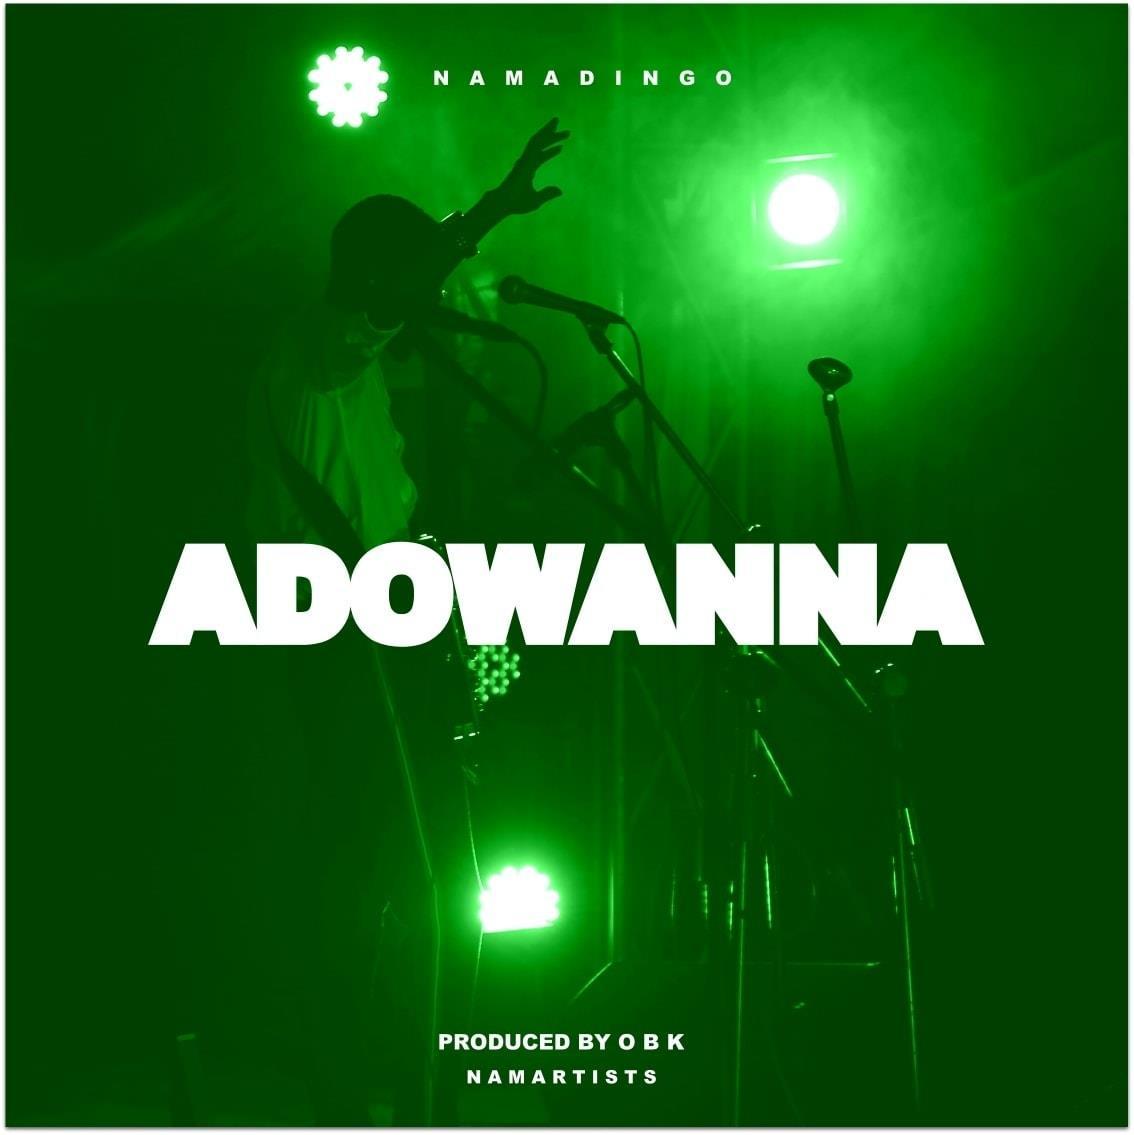 Adowanna